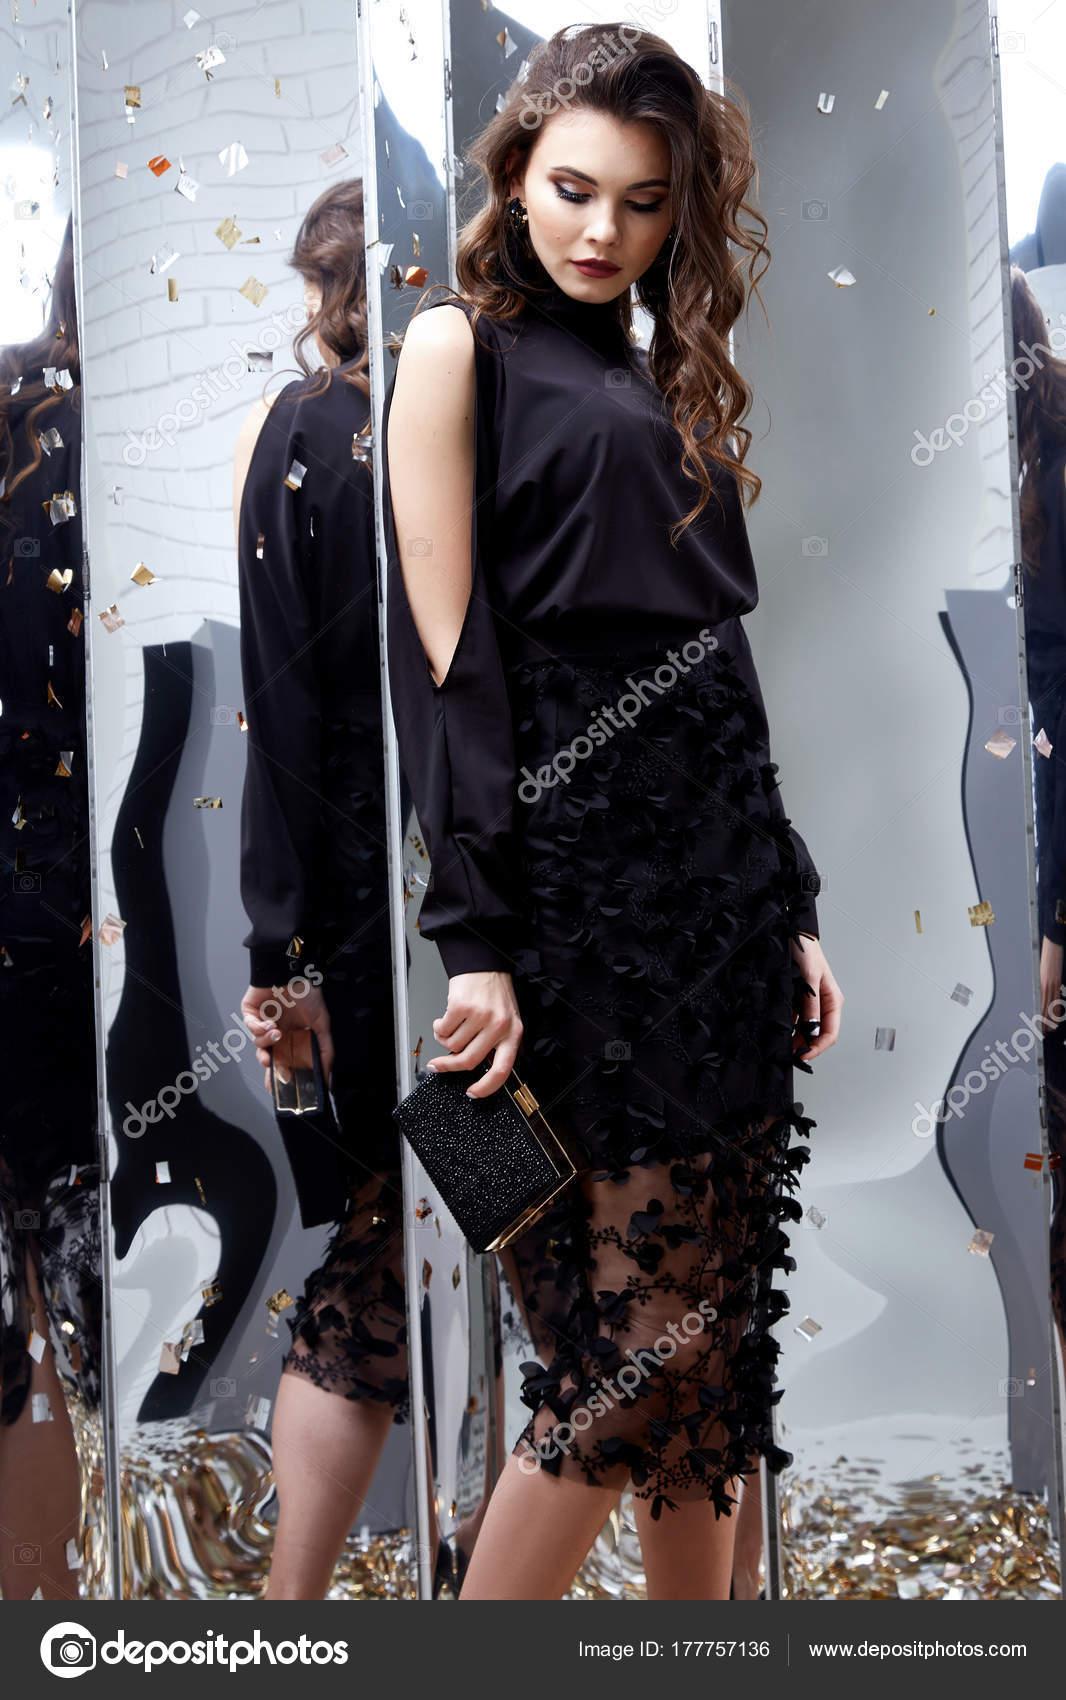 84a476400d Maquillaje de noche brillante de mujer sexy morena pelo rizado hermoso  rostro use lujo ropa Vestido negro flaco elegante estilo fiesta vacaciones  Navidad ...